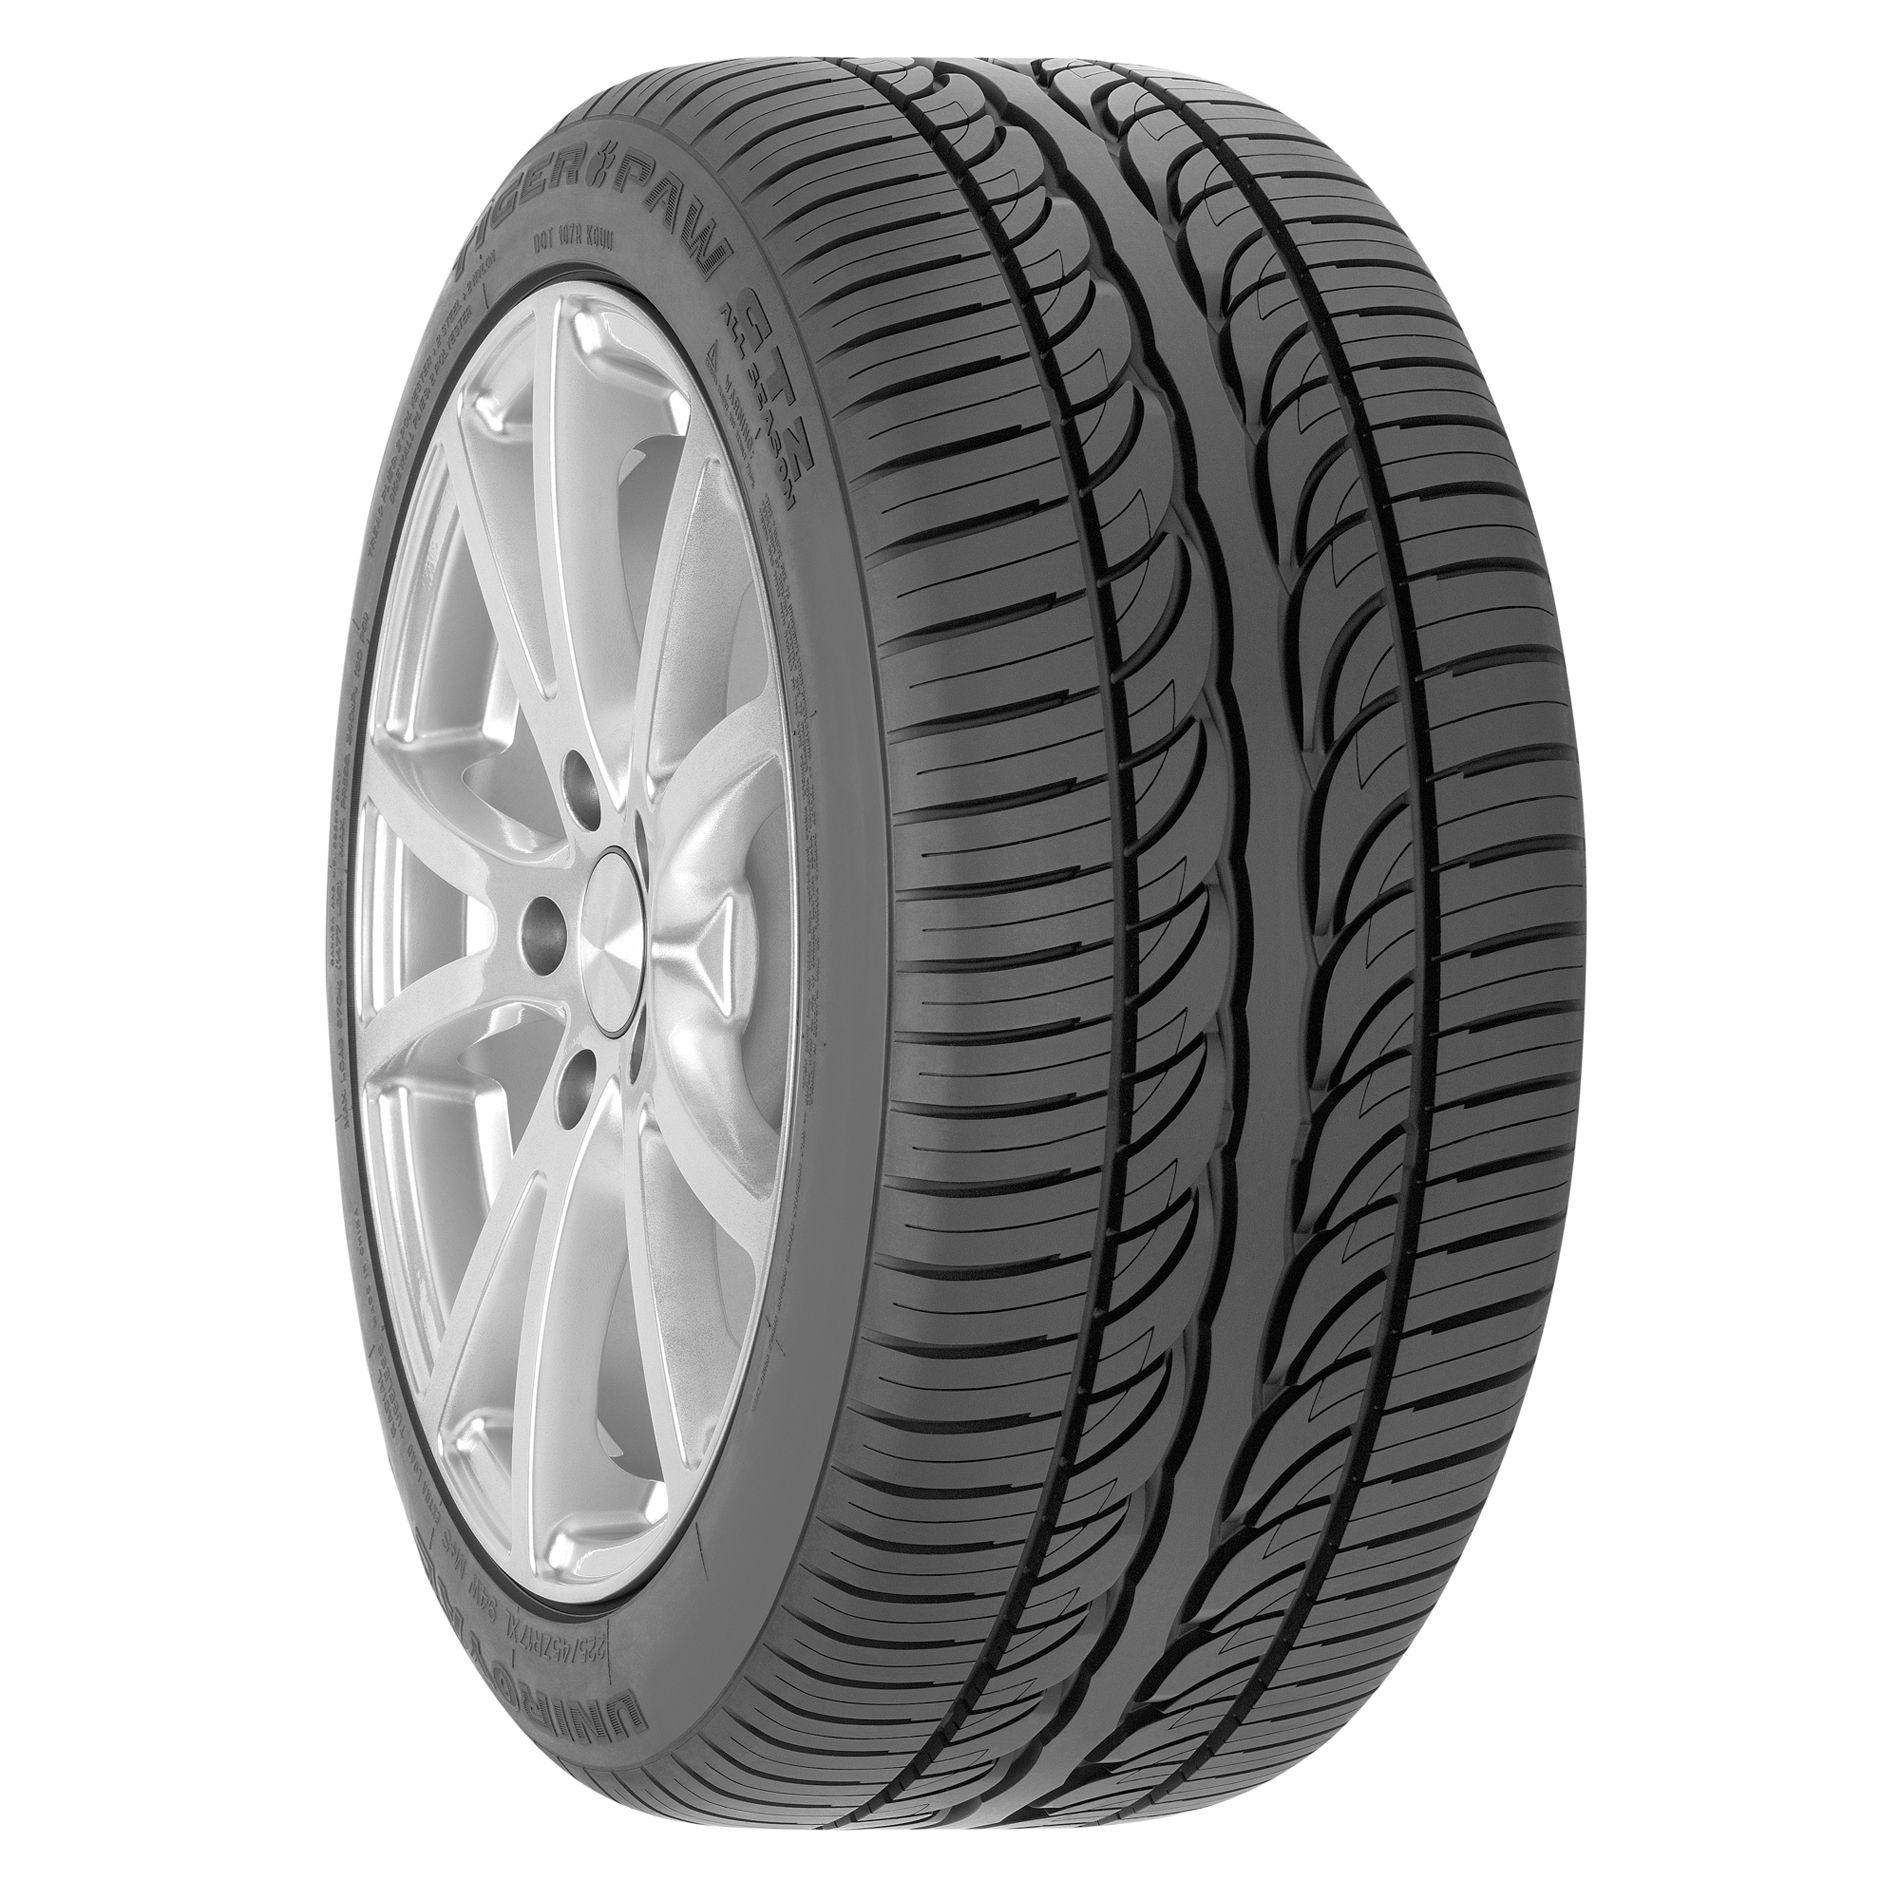 Uniroyal Tiger Paw GTZ Tire- 205/40R17XL 84W BW